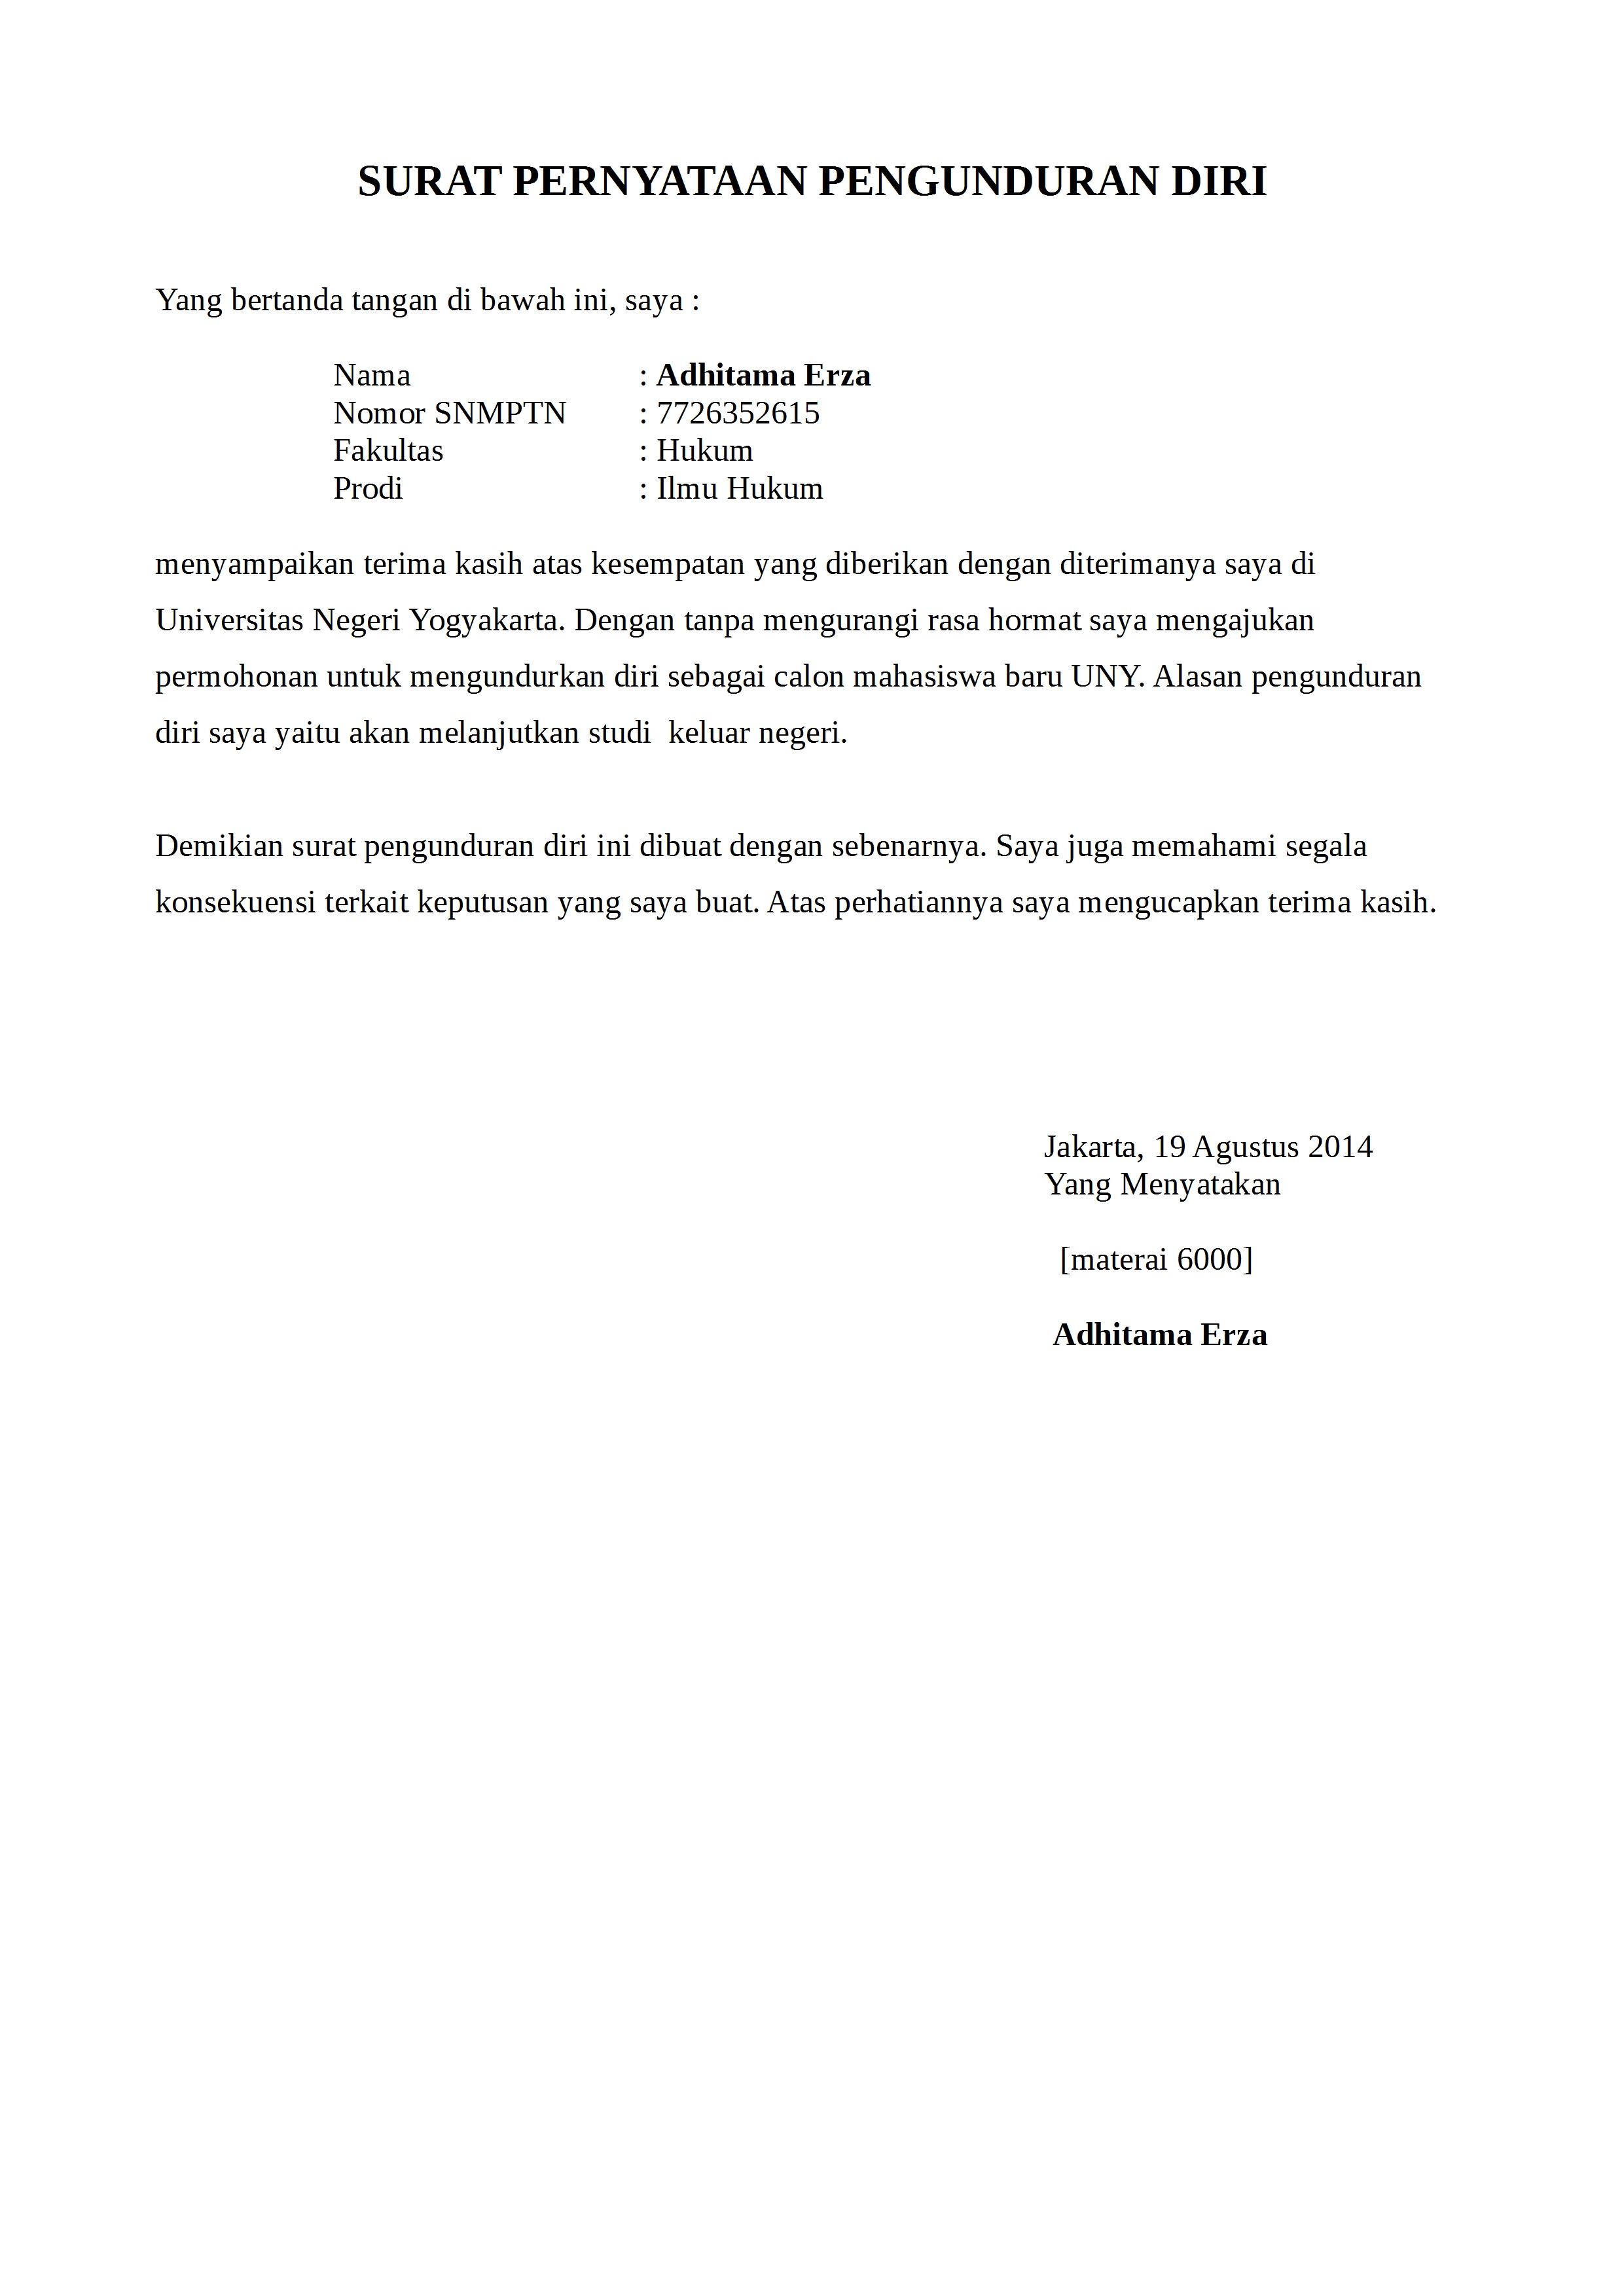 Contoh Surat Pengunduran Diri Fakultas